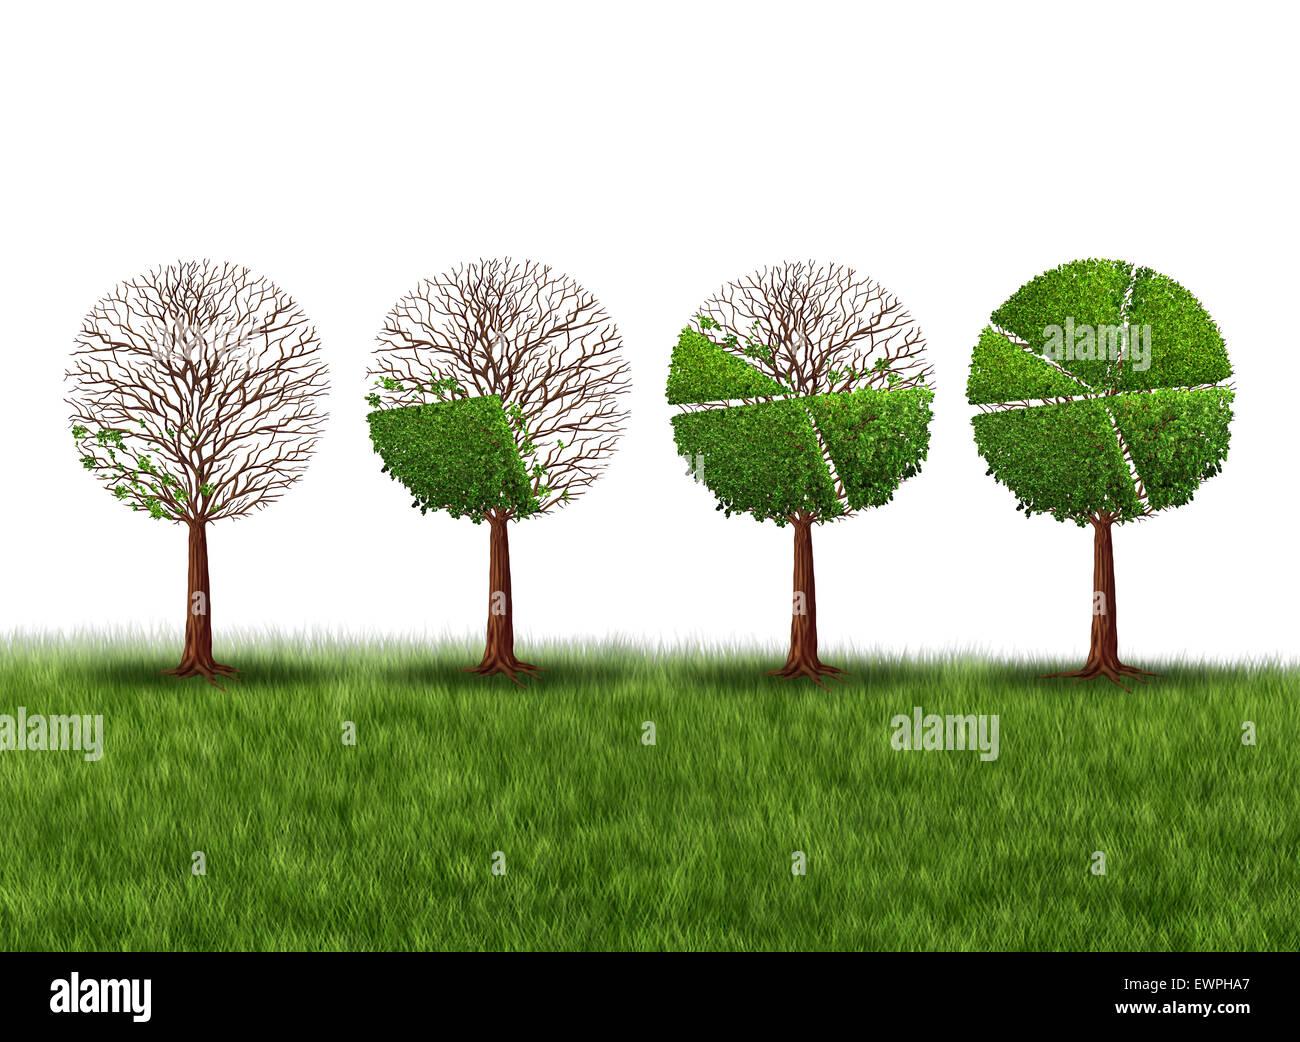 Wirtschaft Wohlstand und wirtschaftlichen Erfolg Finanzkonzept als eine Gruppe von grünen Bäumen als wachsende Stockbild